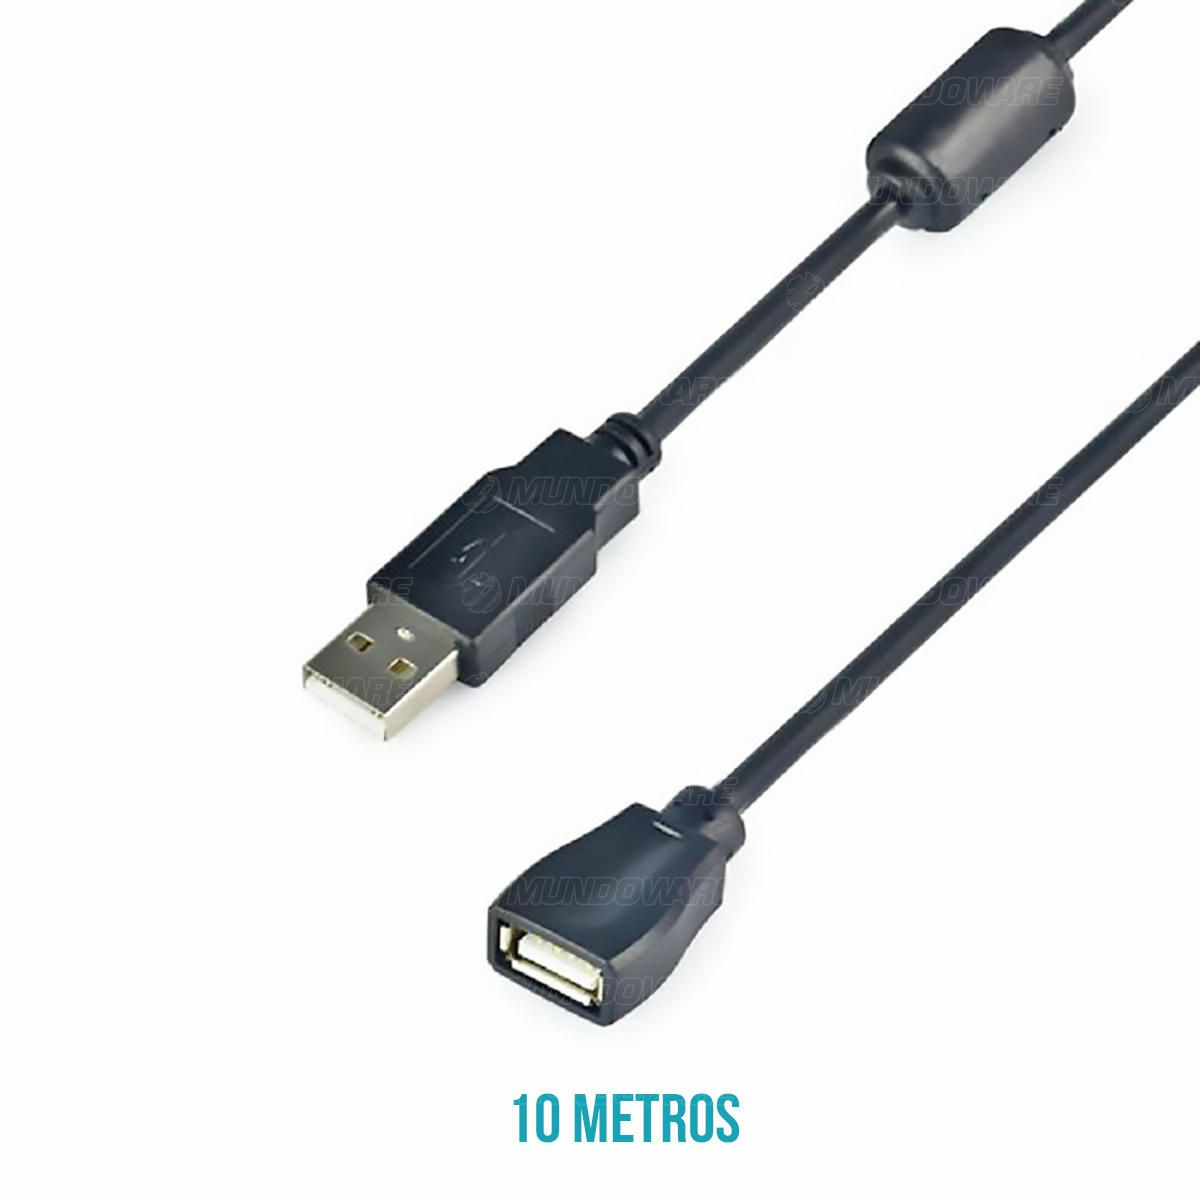 Cabo Extensor USB 10 metros AM+AF 2.0 com Filtro Exbom CBX-U2AMAF100